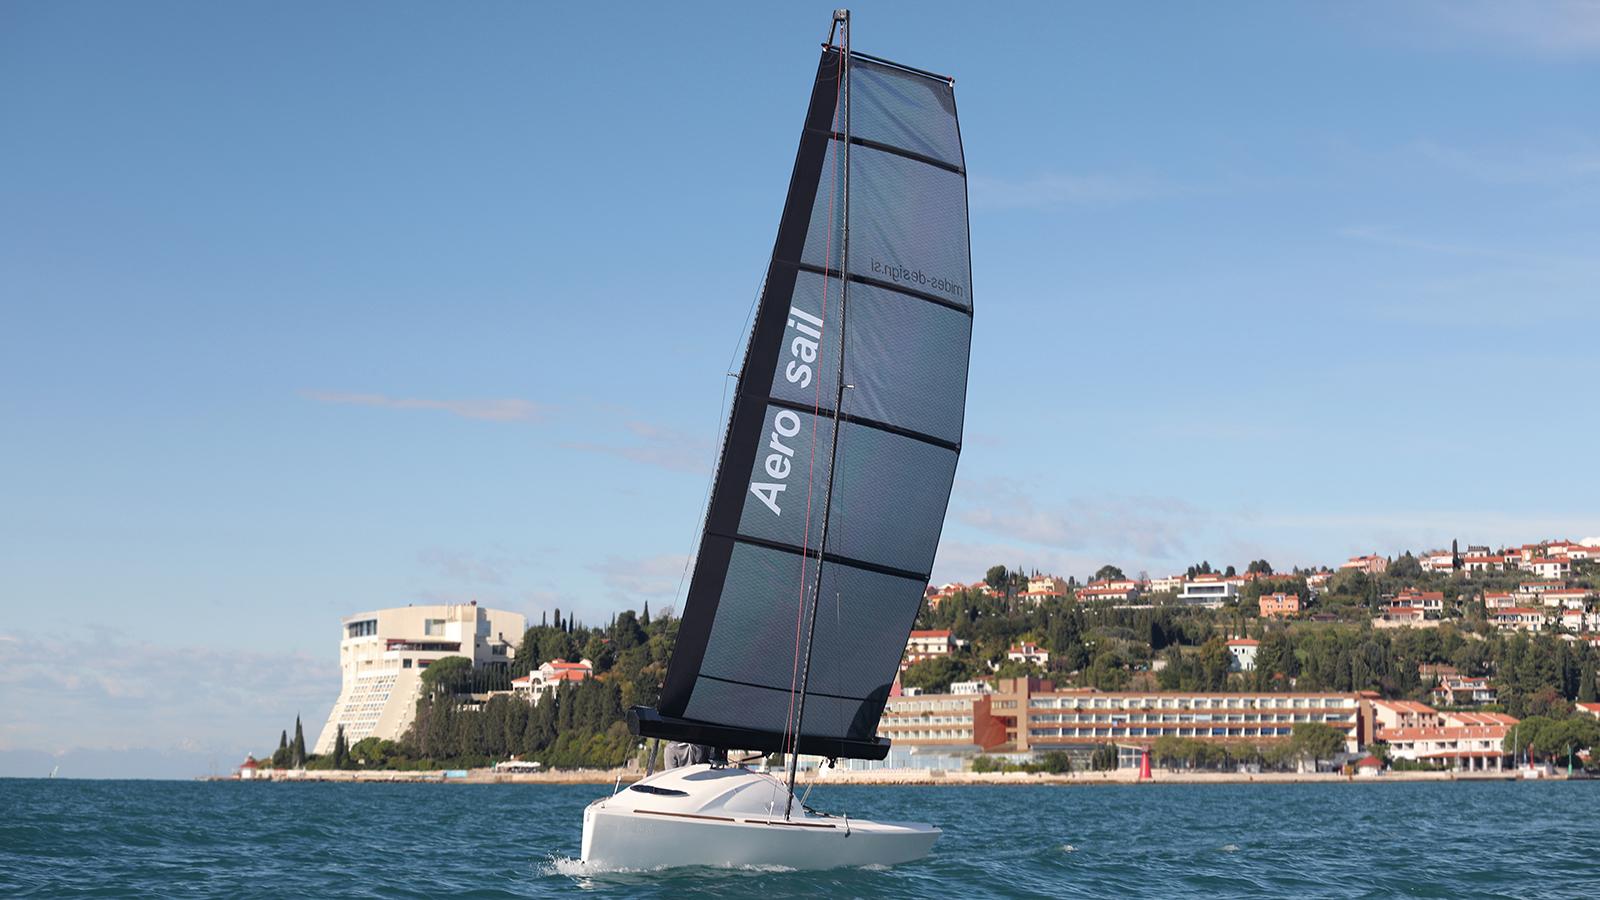 bow-view-of-the-five-metre-aero-sail-prototype